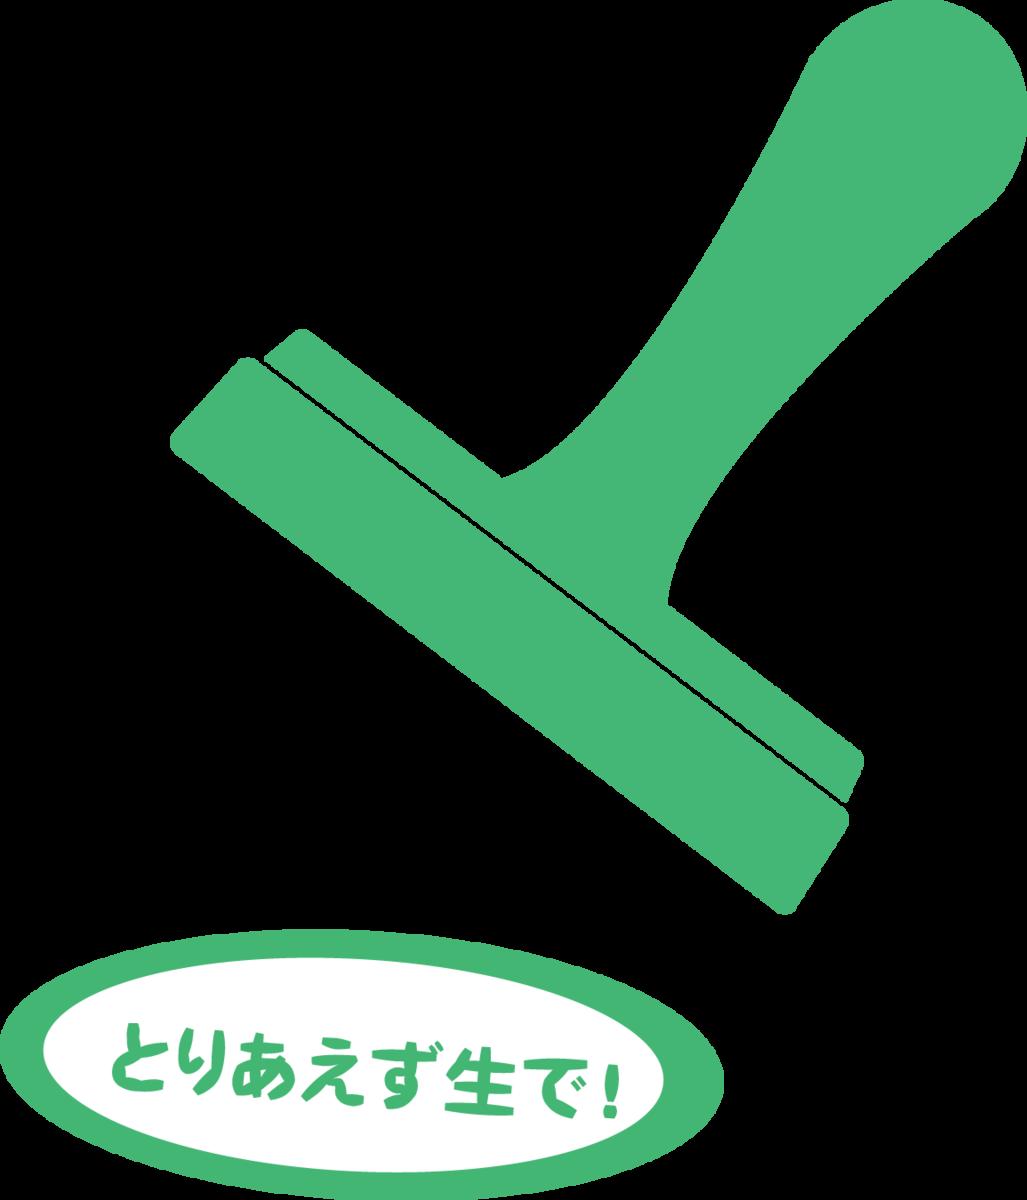 f:id:mojiru:20201026094201p:plain